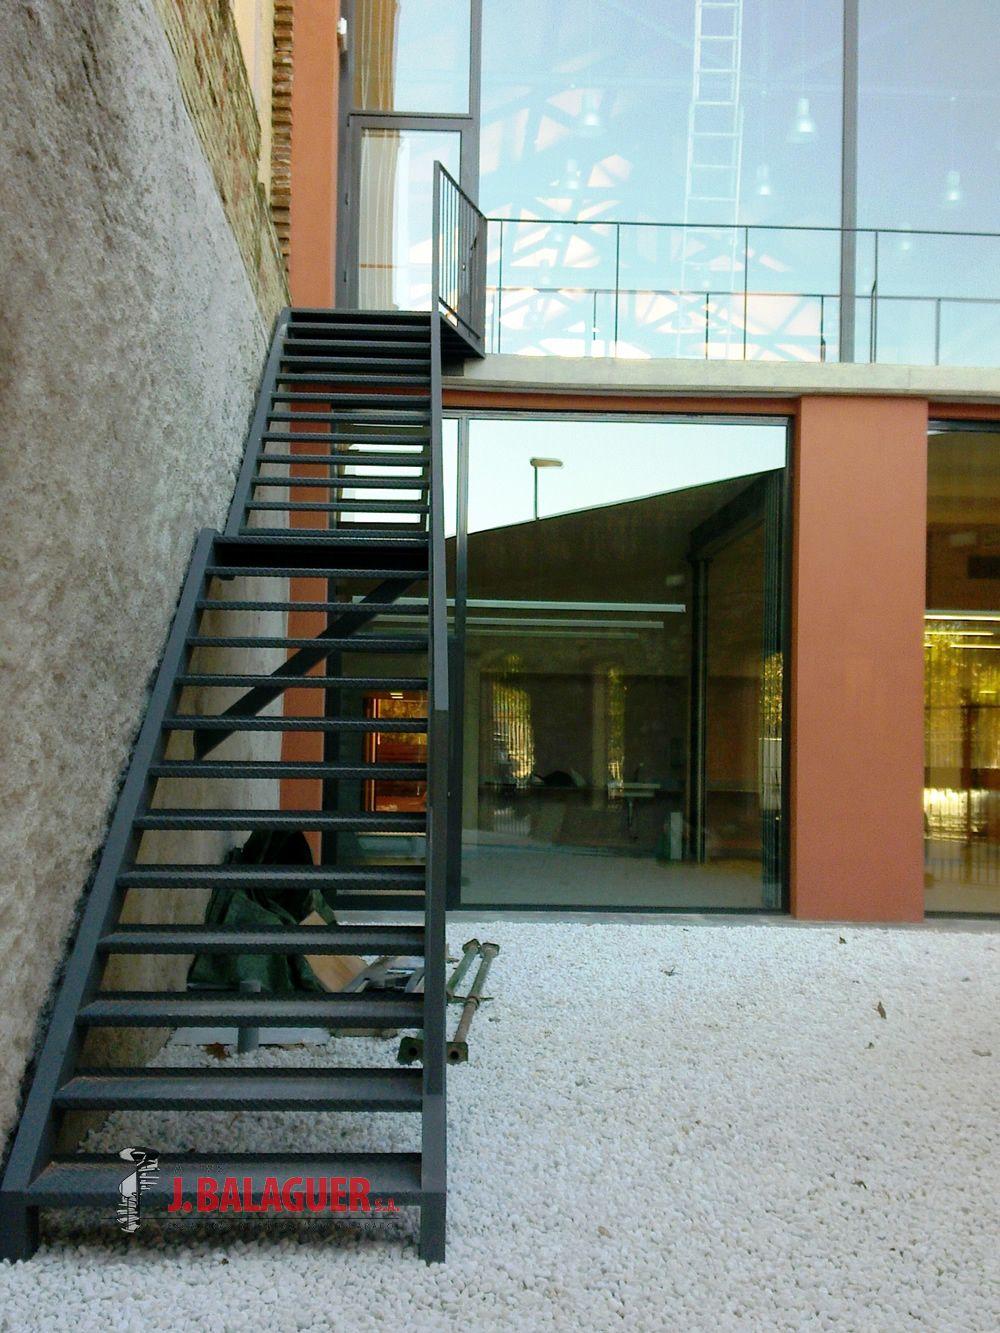 Rocker gallery trappen escaleras balaguer - Escaleras balaguer ...